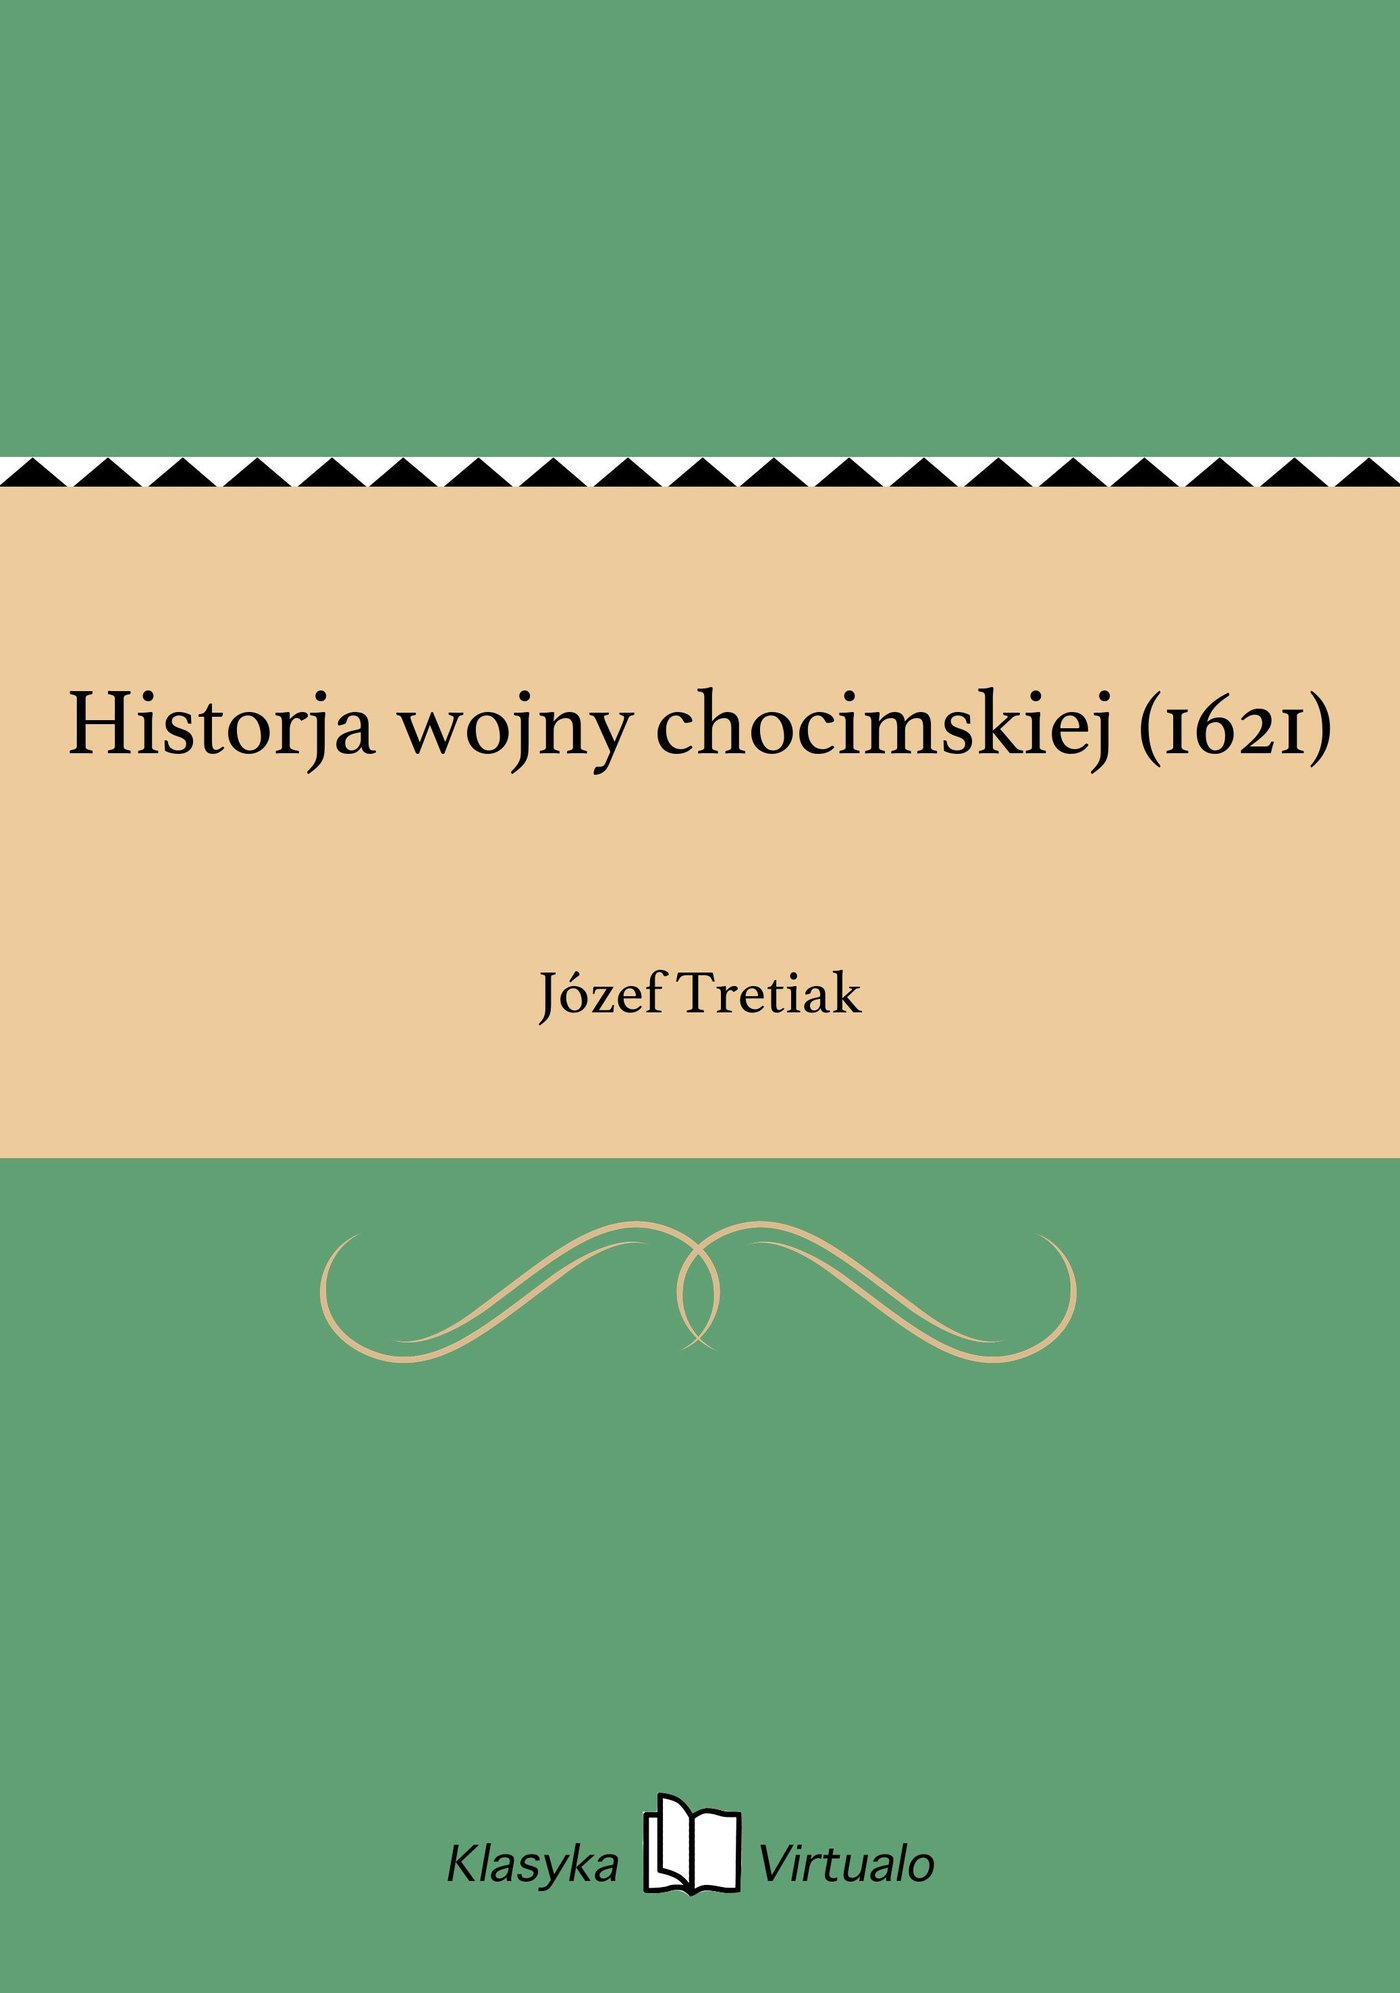 Historja wojny chocimskiej (1621) - Ebook (Książka na Kindle) do pobrania w formacie MOBI